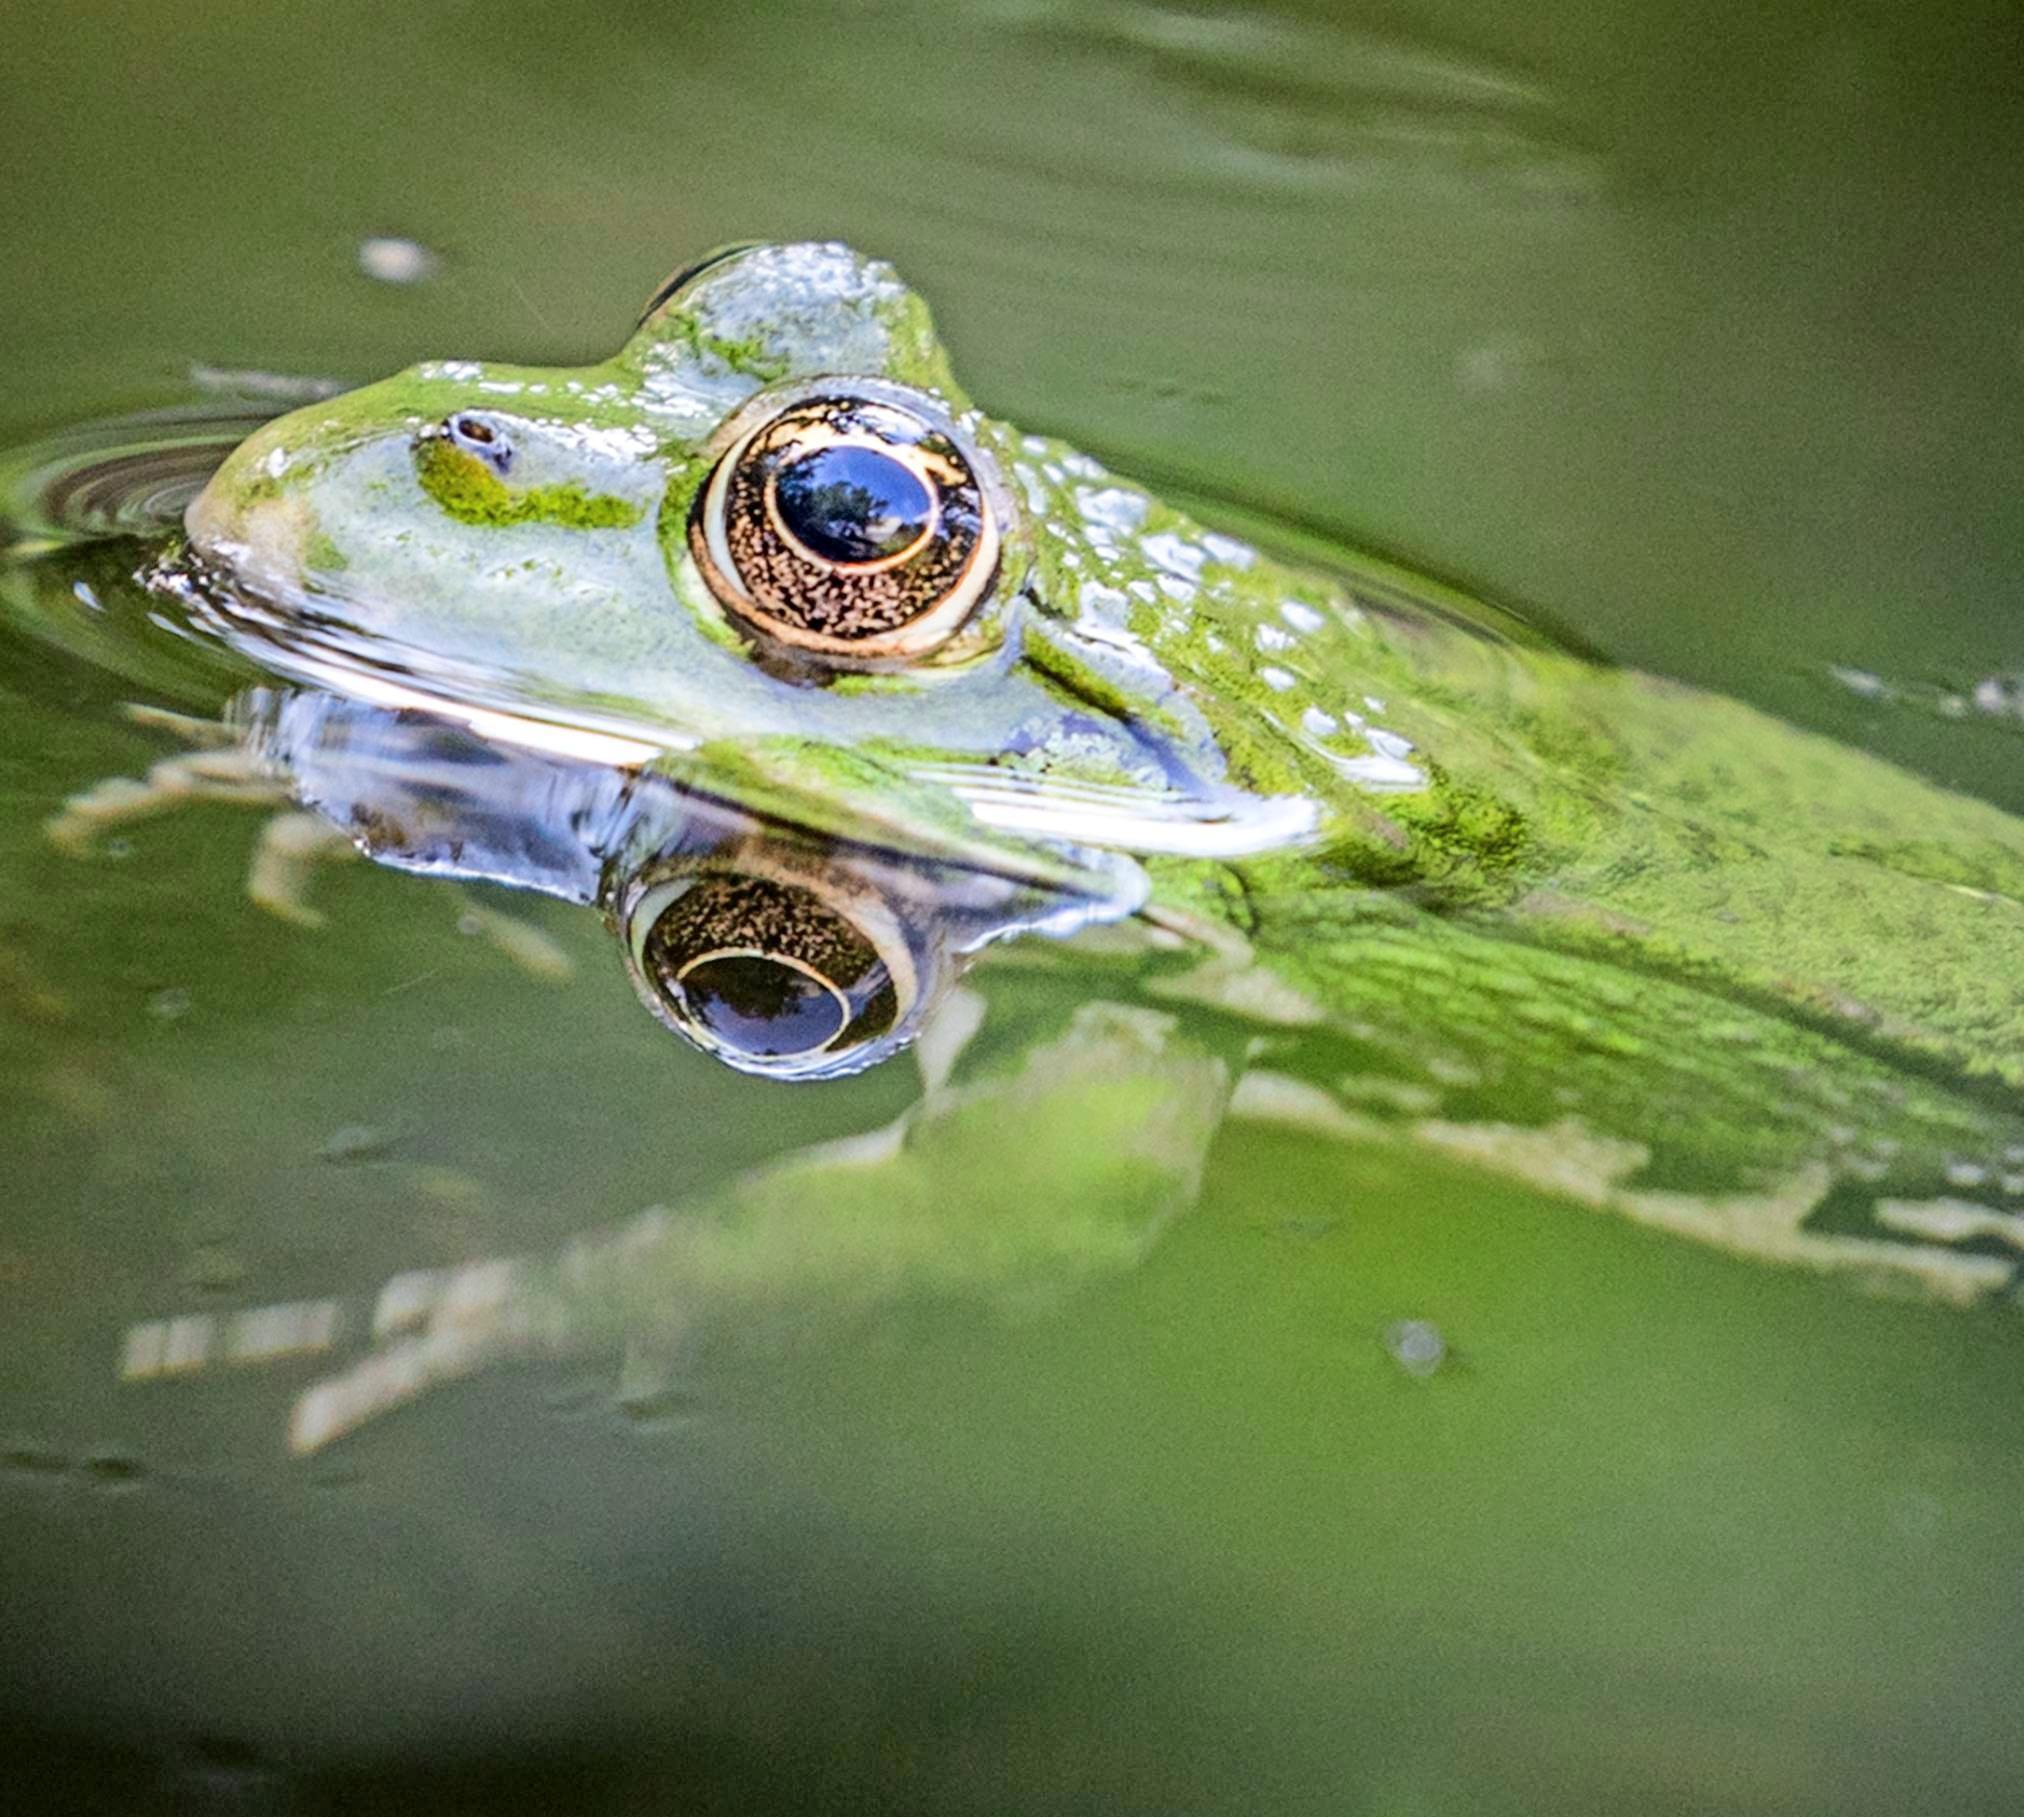 Groß war die Liebe der Tiefenbacher zu ihrem einzigen Frosch im Ort. Als dieser bei einem Unwetter fortgeschwemmt und schließlich von einem Müller gerettet wurde, errichteten die Dörfler ein hohes Geländer um den Feuersee. Foto: dpa